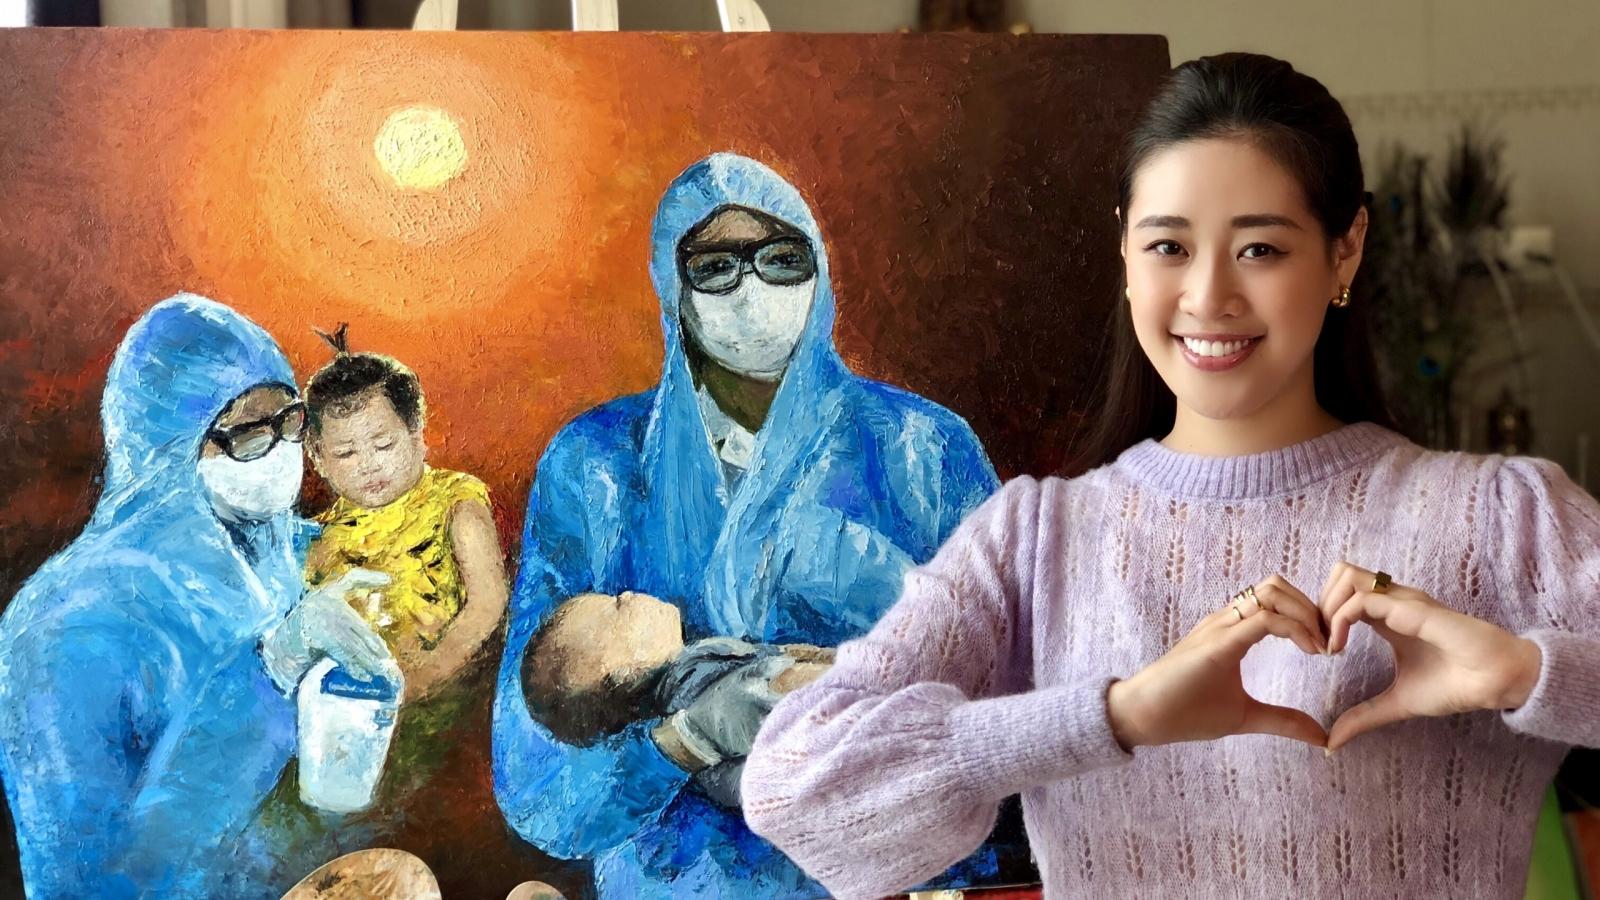 Hoa hậu Khánh Vân thừa nhận thiếu sót khi vẽ tranh chưa xin phép